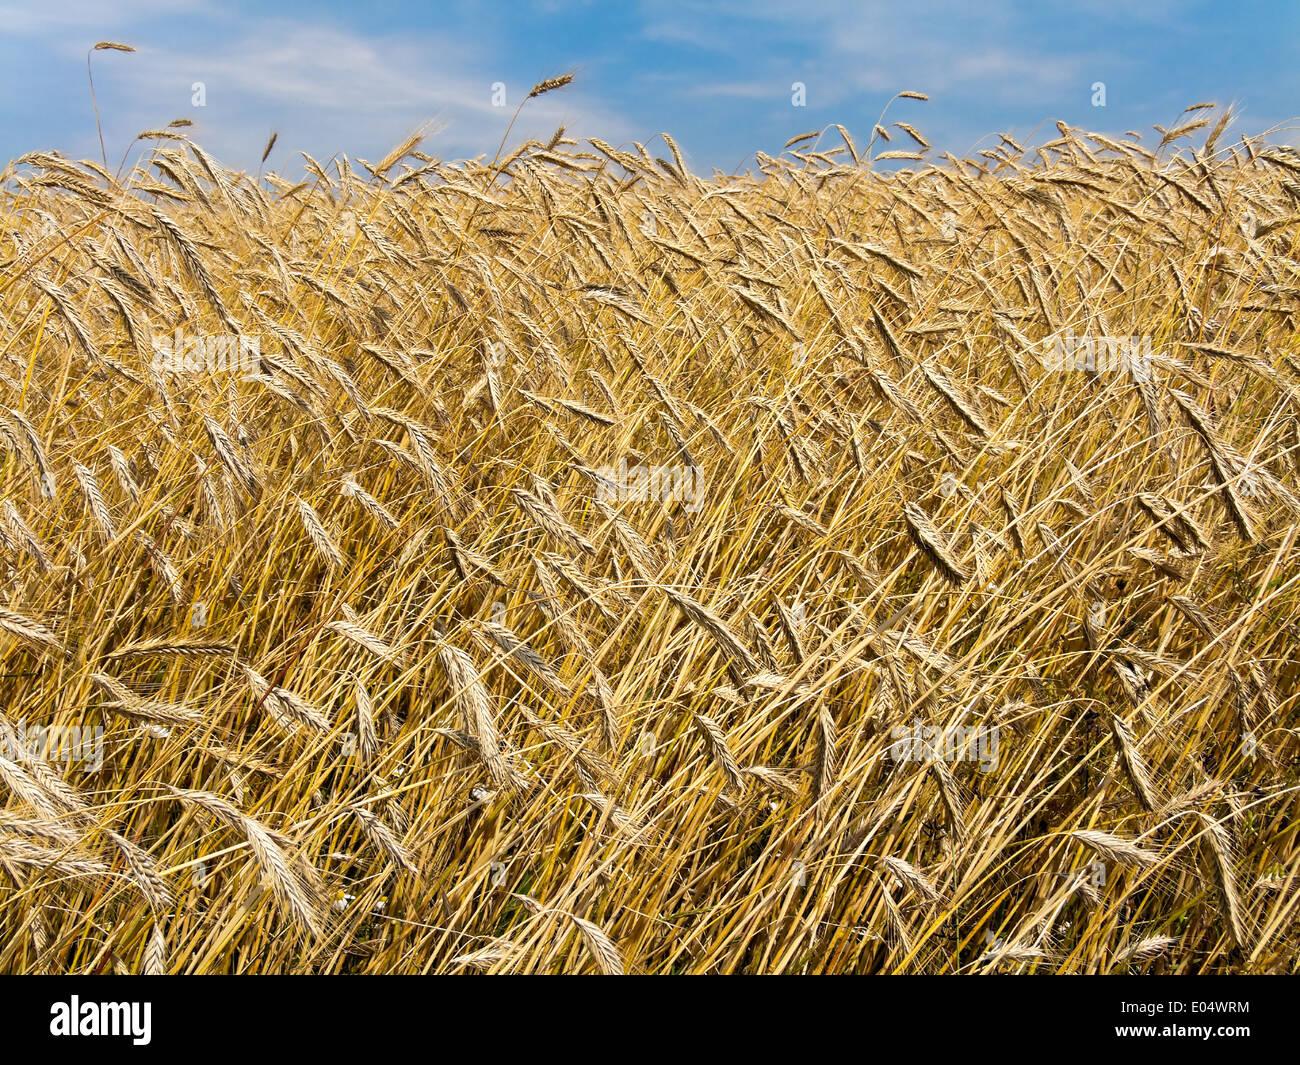 Ripe barleys field in buzzer, Ein reifes Gersten Feld im Sommer - Stock Image